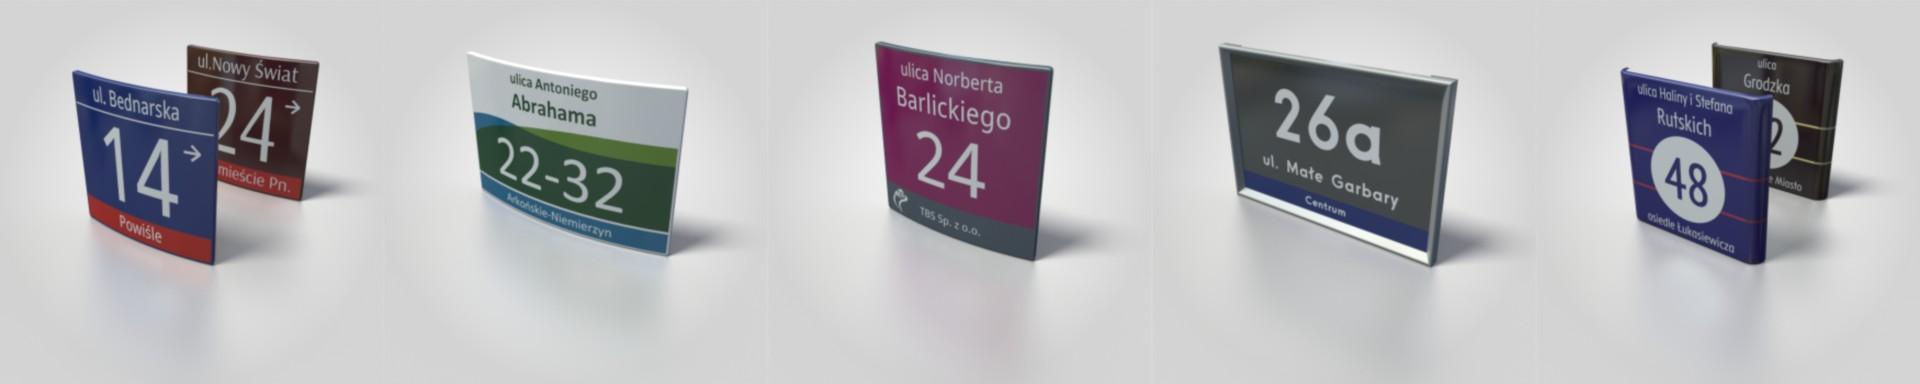 tabliczki adresowe w systemach informacji miejskiej